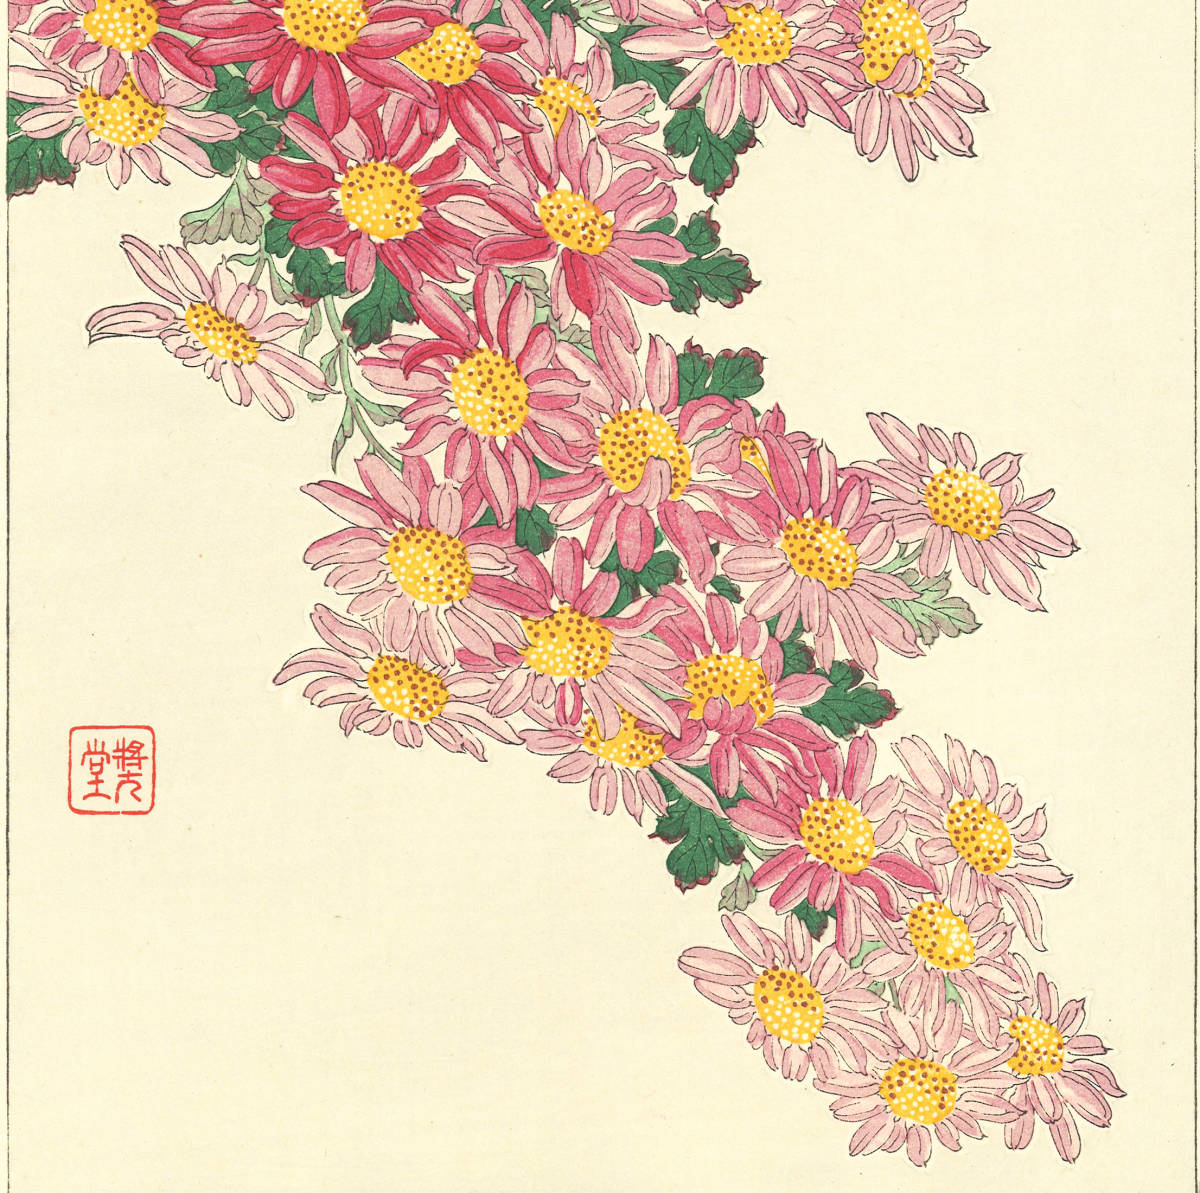 河原崎奨堂 (Kawarazaki Shodo) (1899~1973)木版画 F036 菊 花版画(Chrysanthemum)初版昭和初期~京都の一流の摺師の技をご堪能下さい_画像8